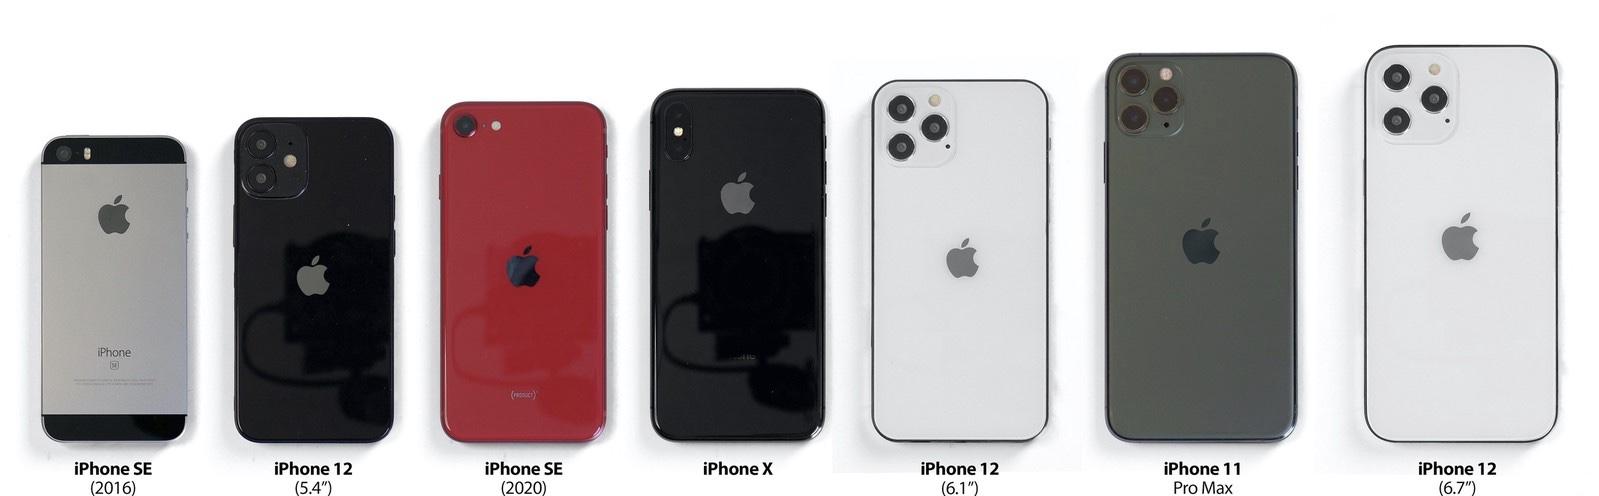 iPhone 12 kommer att vara mindre än iPhone SE (2020)